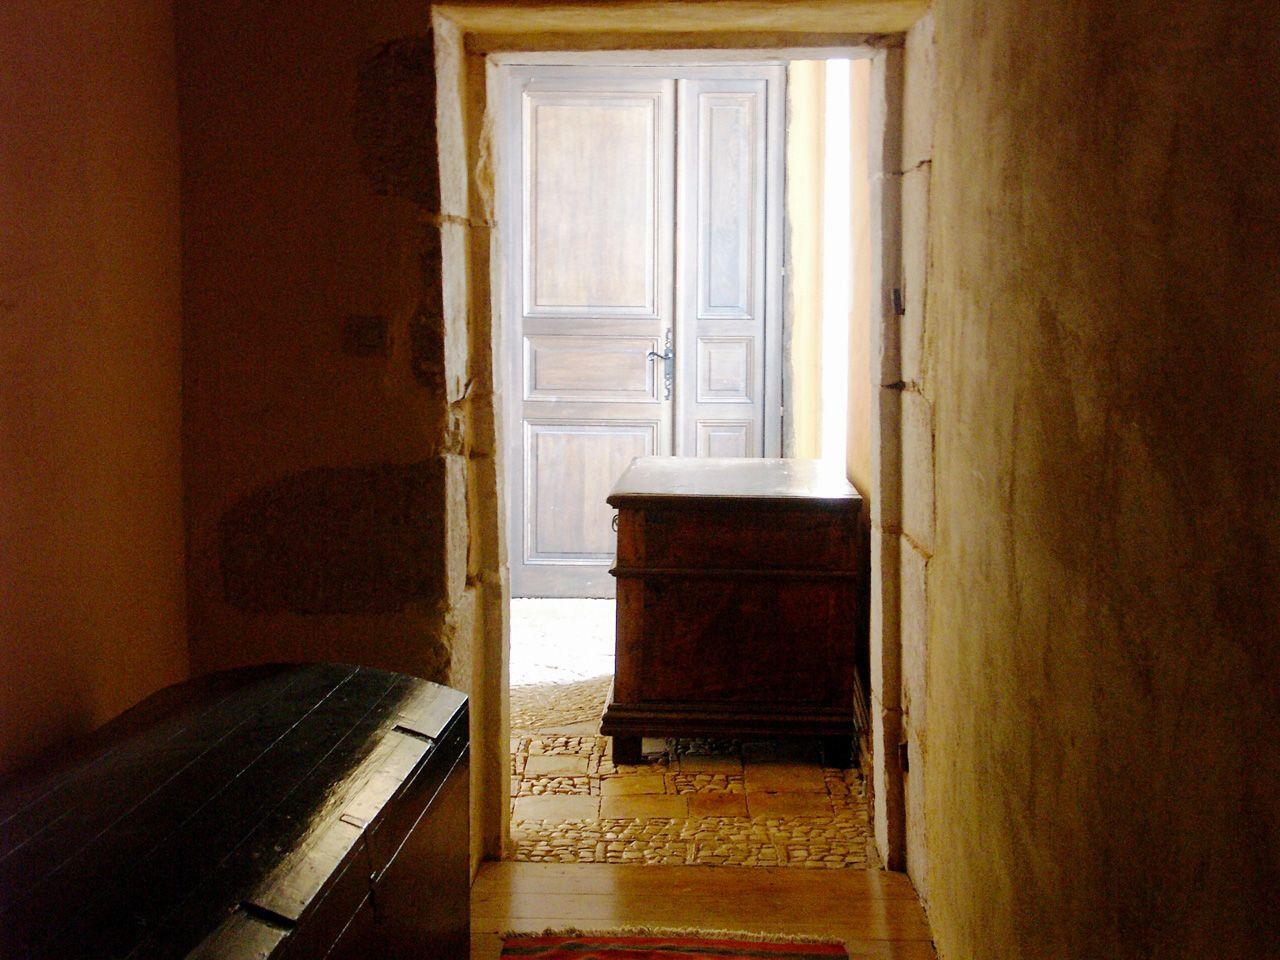 Propriété rurale maison de maître XVè XVIè siècle - Couloir